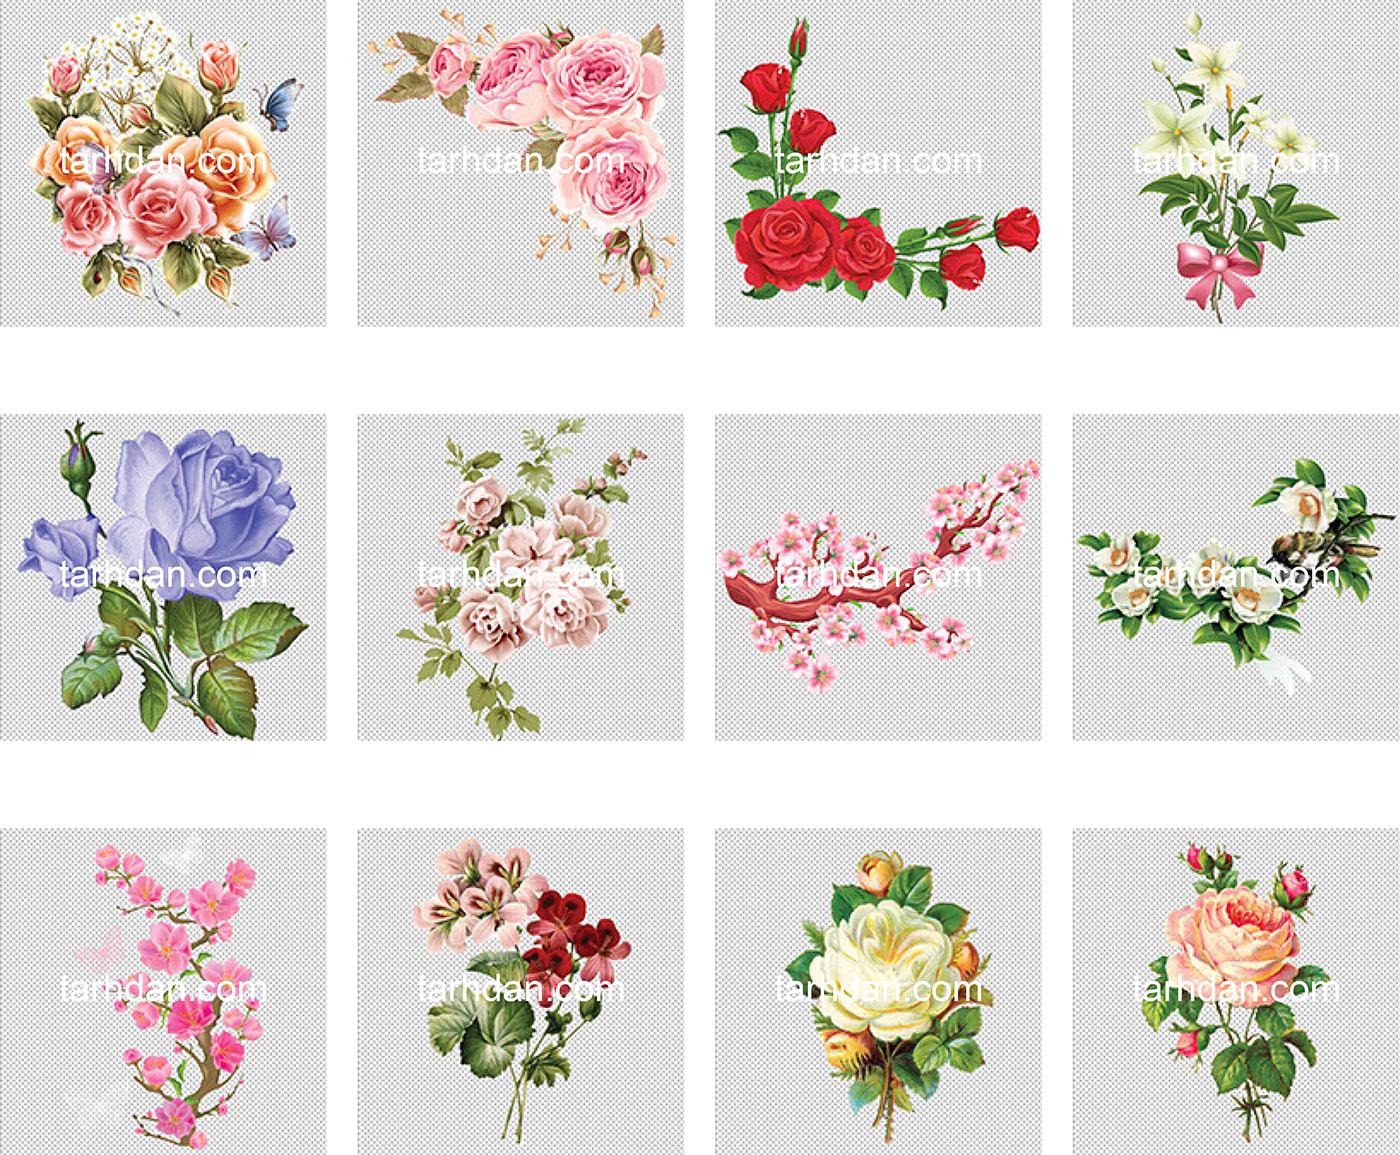 دانلود مجموعه دور بری شده عکس گل (4)